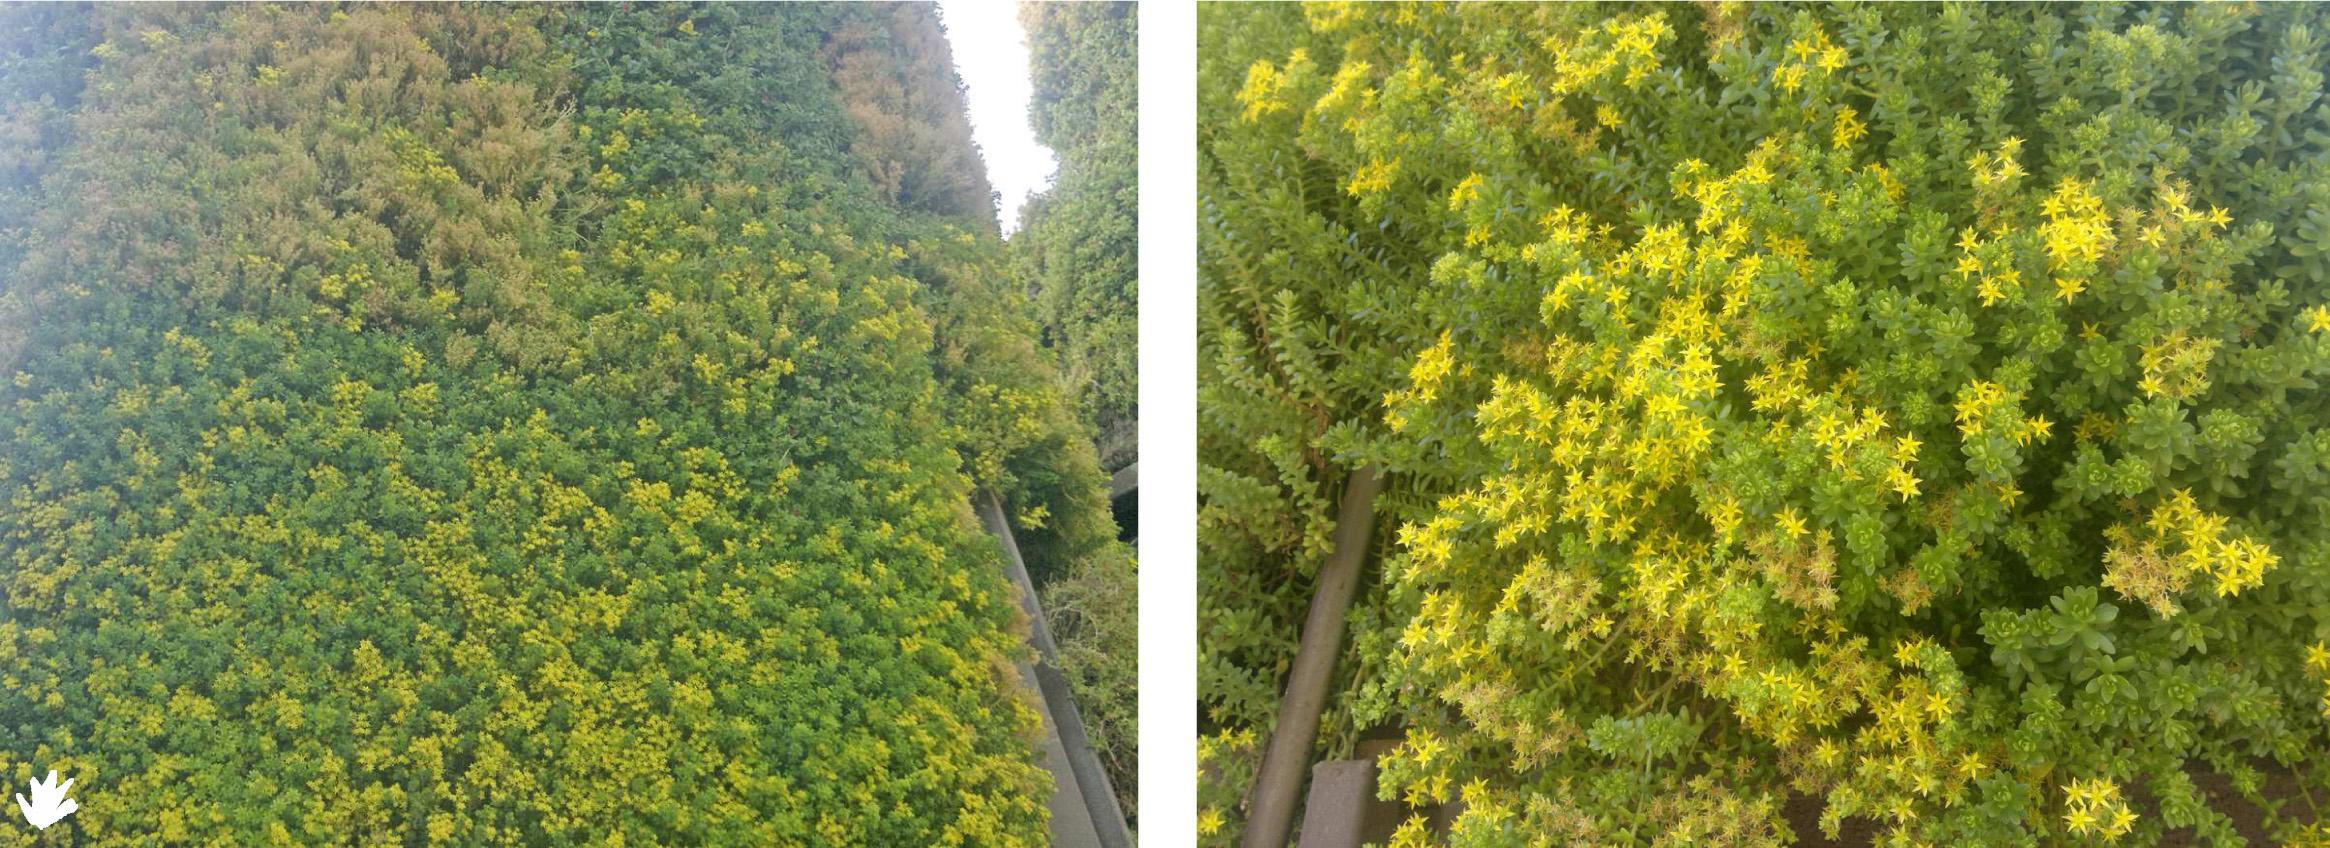 Plantas sedum para los jardines verticales paivert Tipos de plantas para jardines verticales